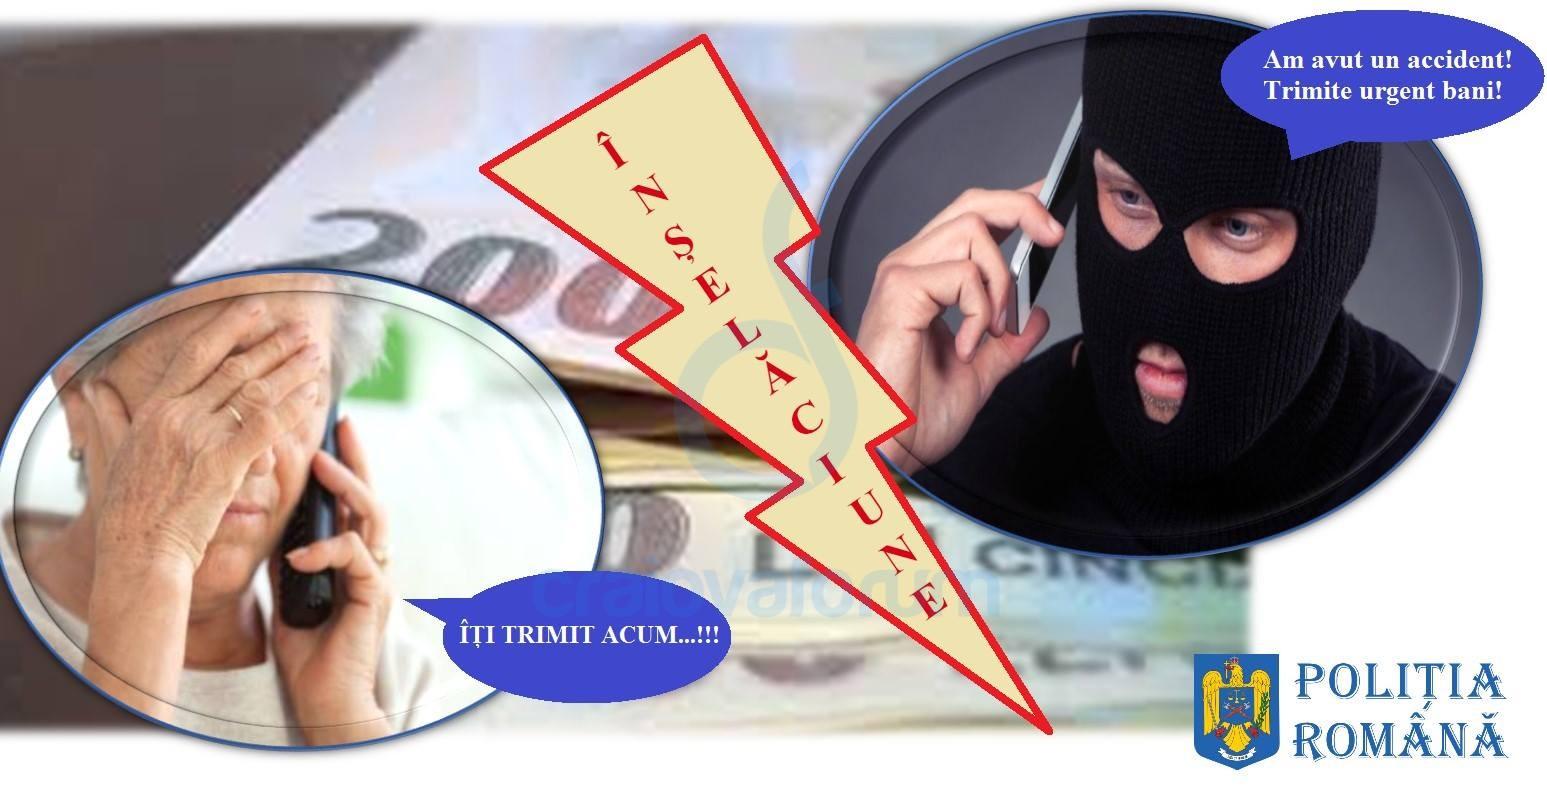 """Atenţie la metodele de înşelăciune prin telefon, cunoscute sub denumirea de """"Accidentul""""!"""